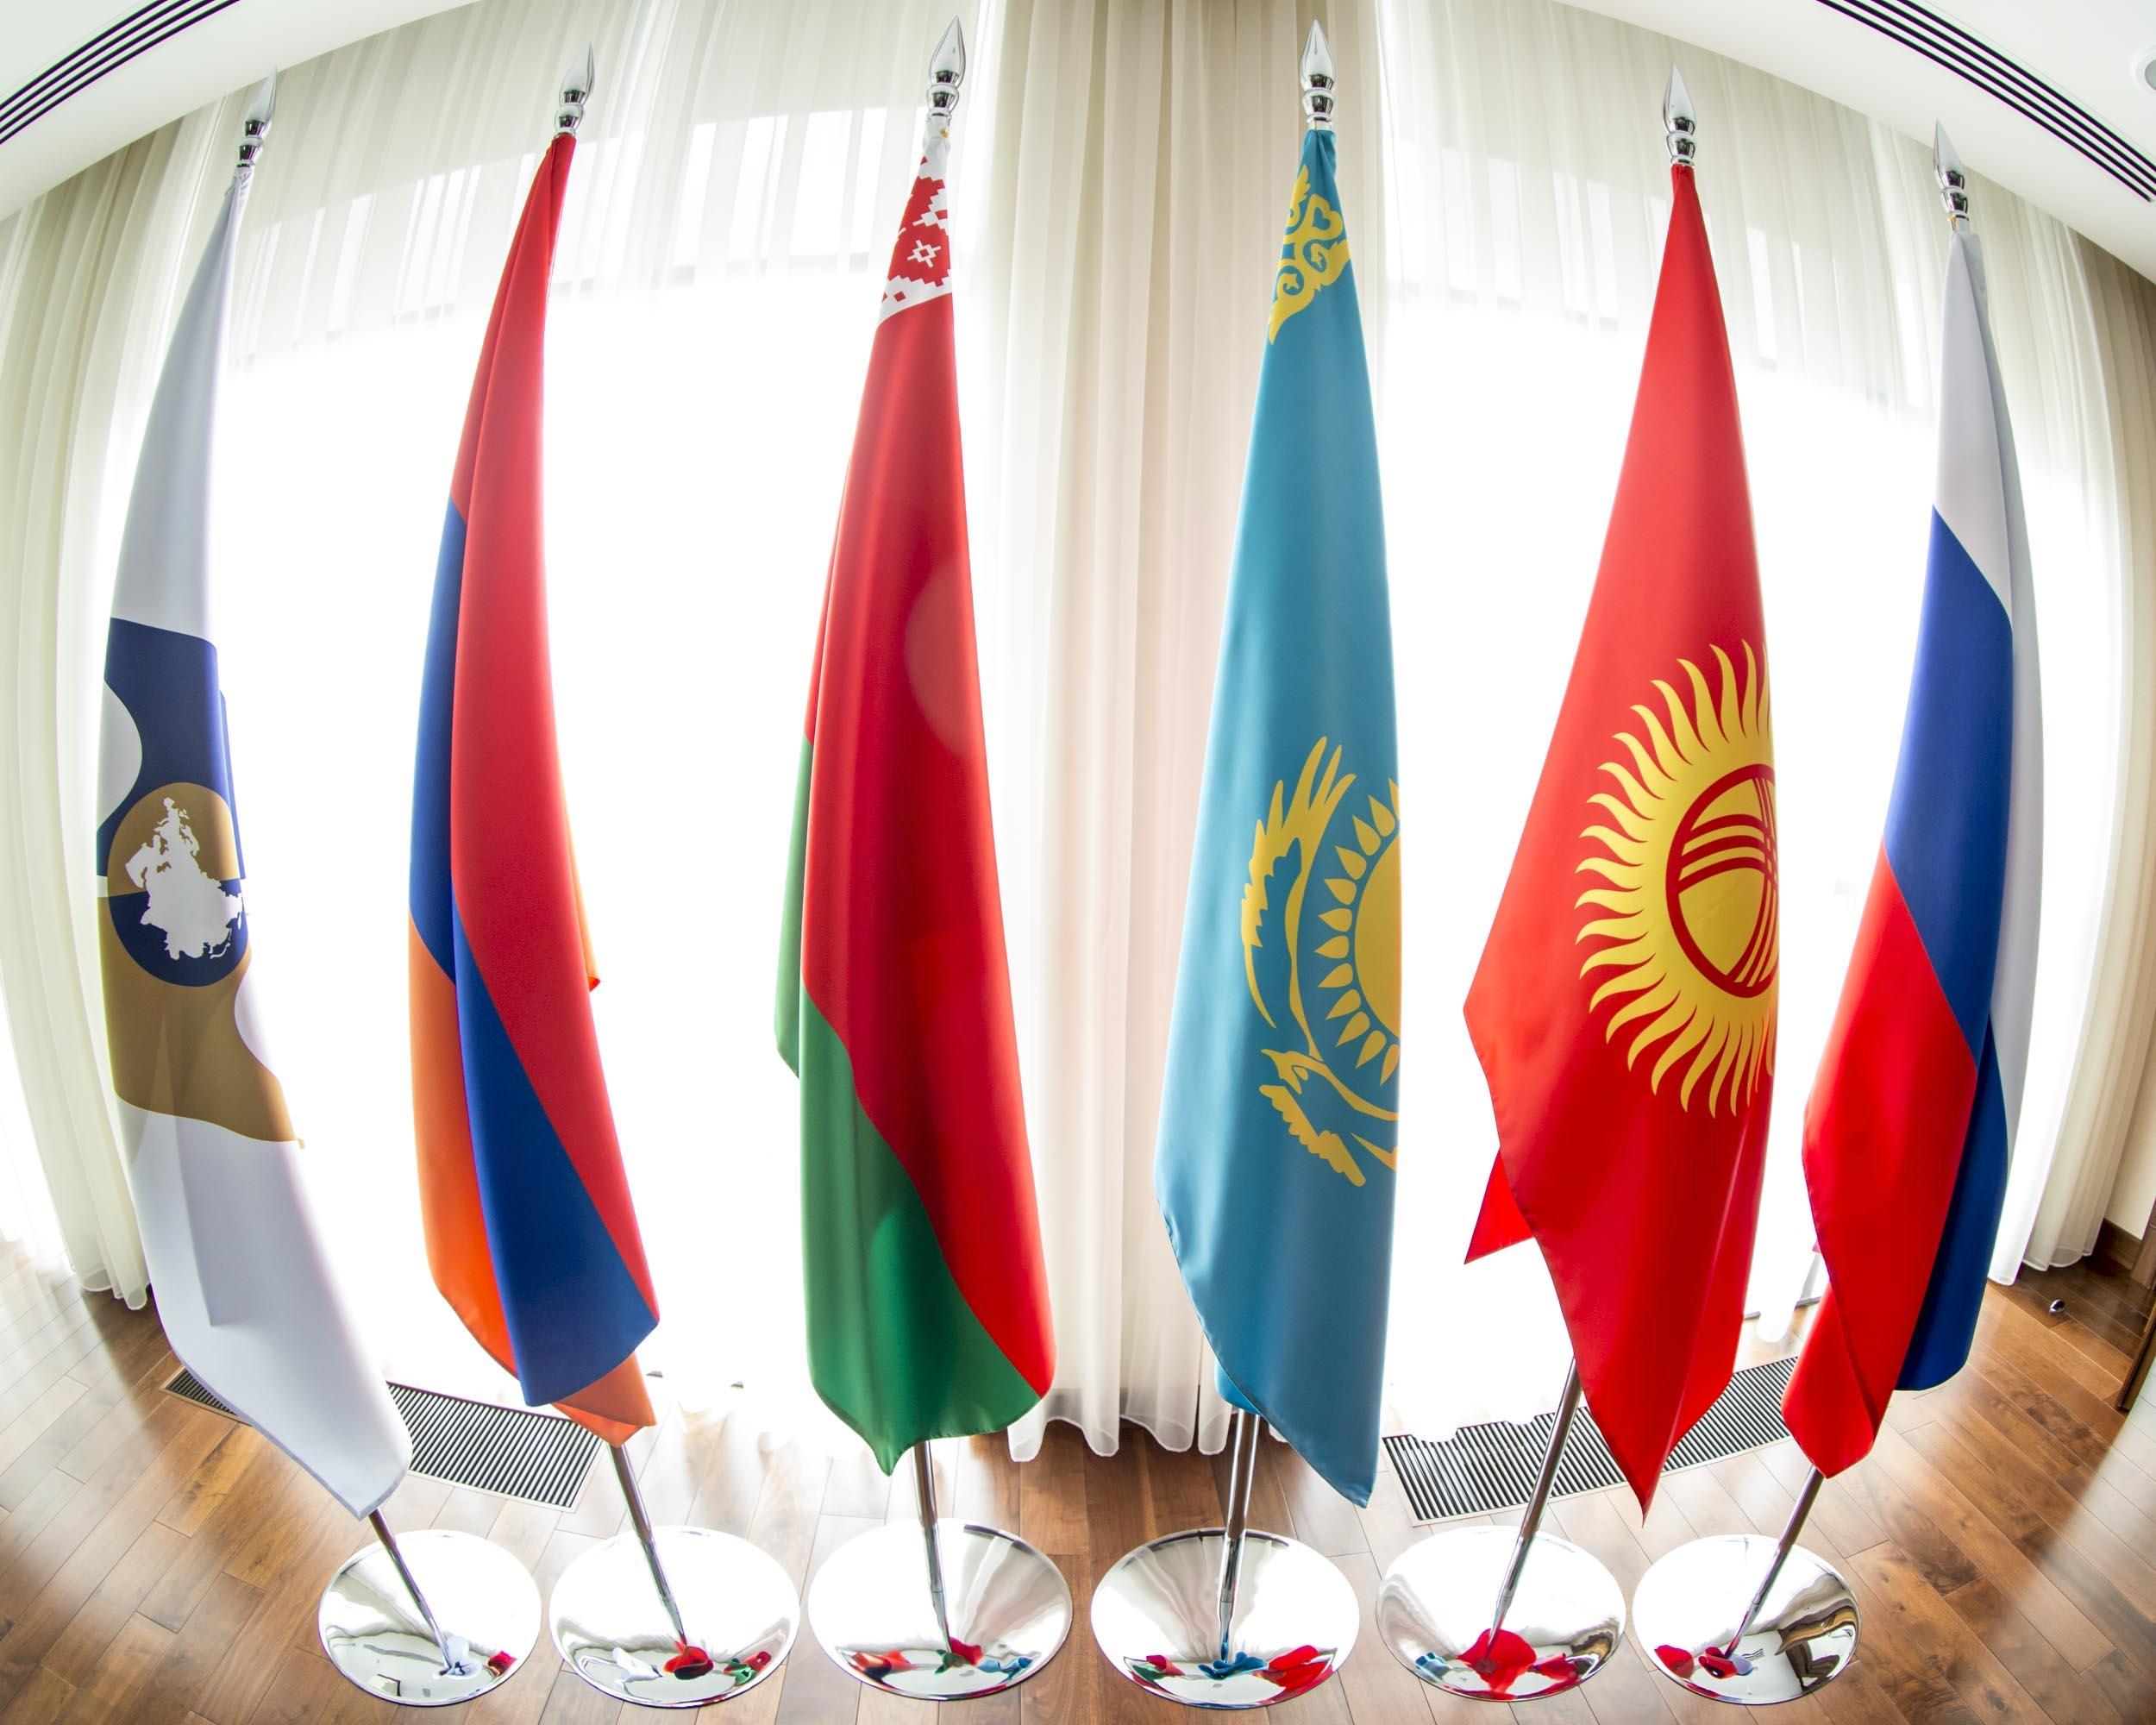 Казахстан ратифицировал соглашение об обращении драгоценностей в странах ЕАЭС